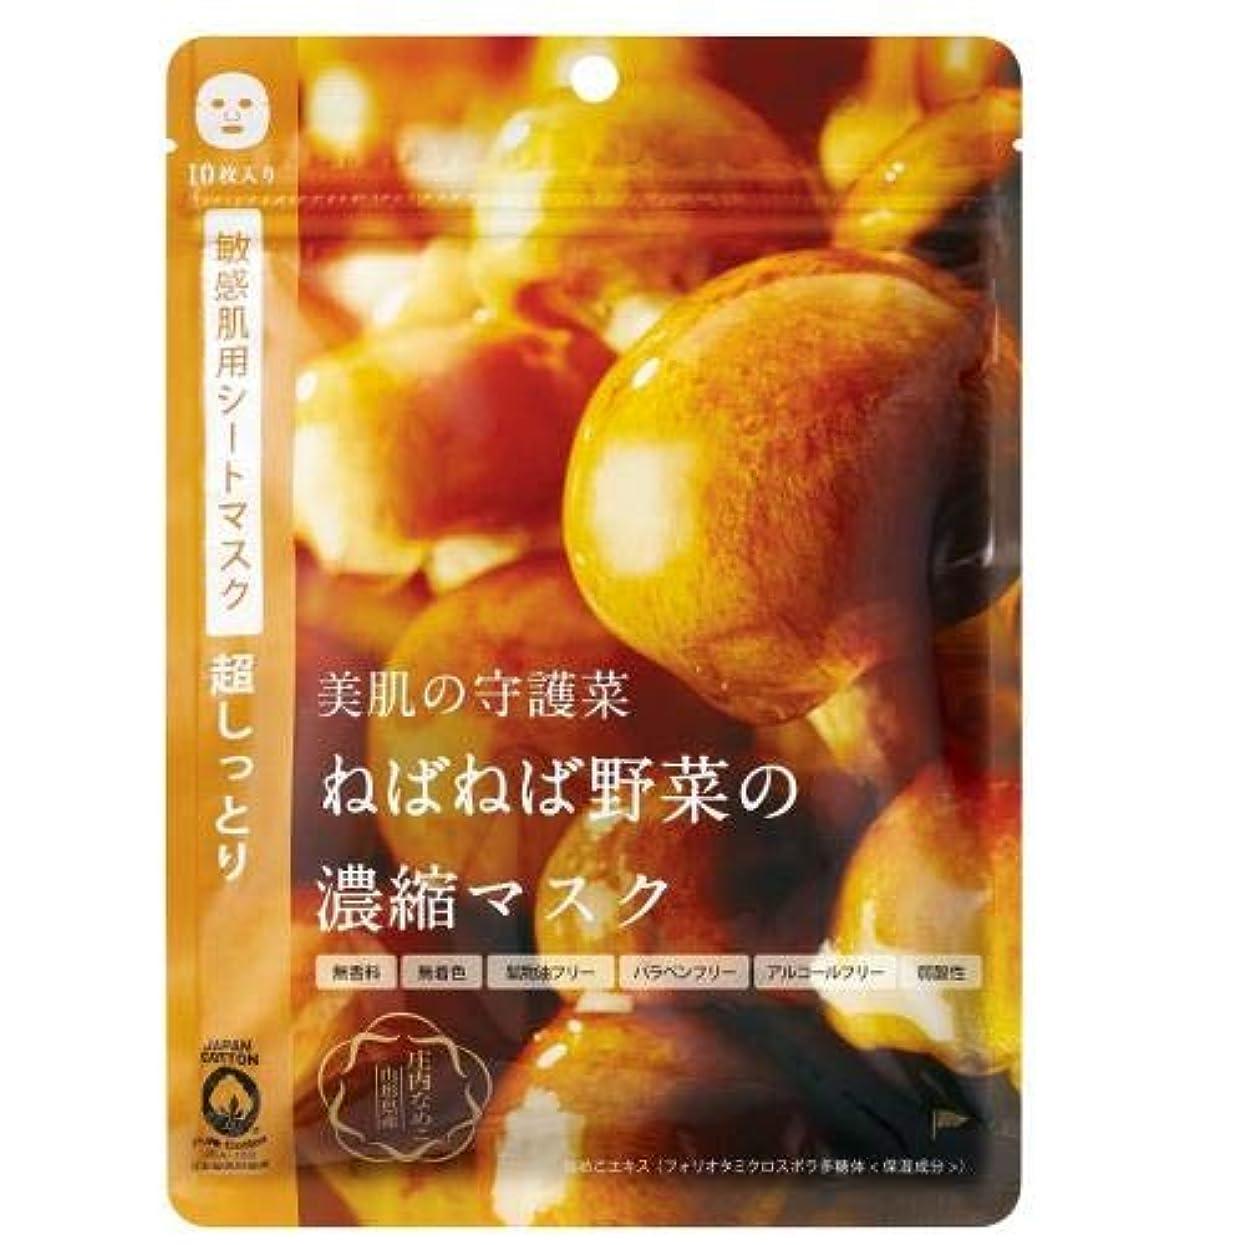 財団回復するニュースアイメーカーズ @cosme nippon (アットコスメニッポン) 美肌の守護菜 ねばねば野菜の濃縮マスク 庄内なめこ 10枚 3個セット